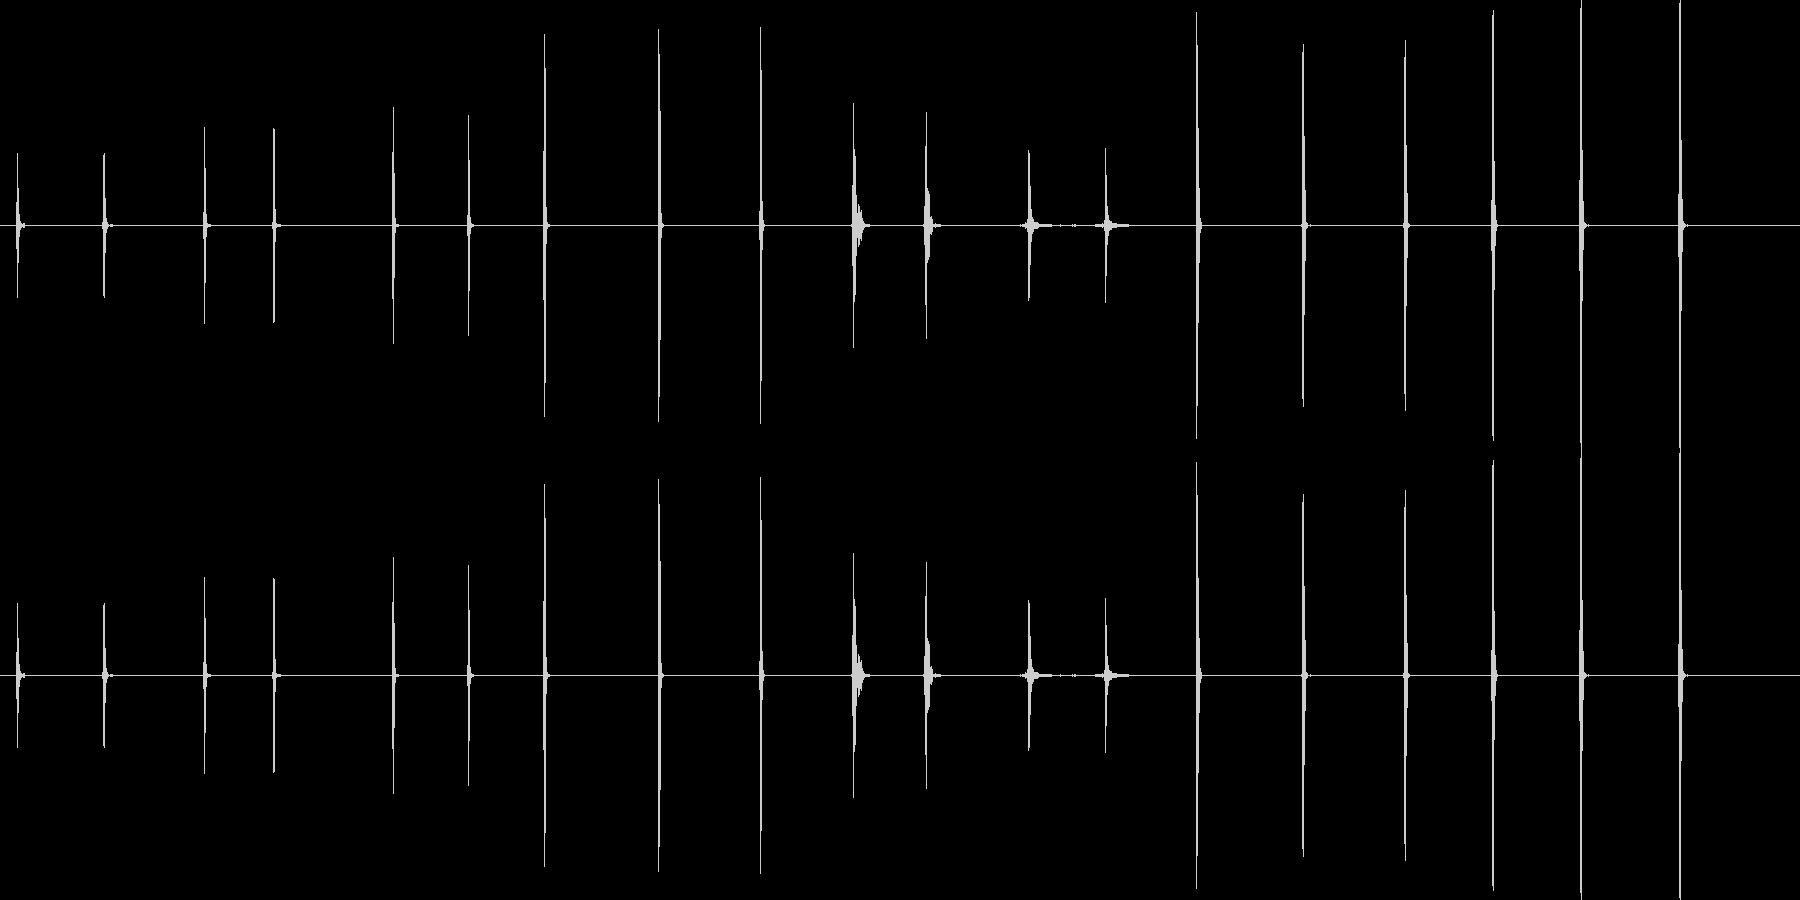 ライトヒット-19バージョンの未再生の波形